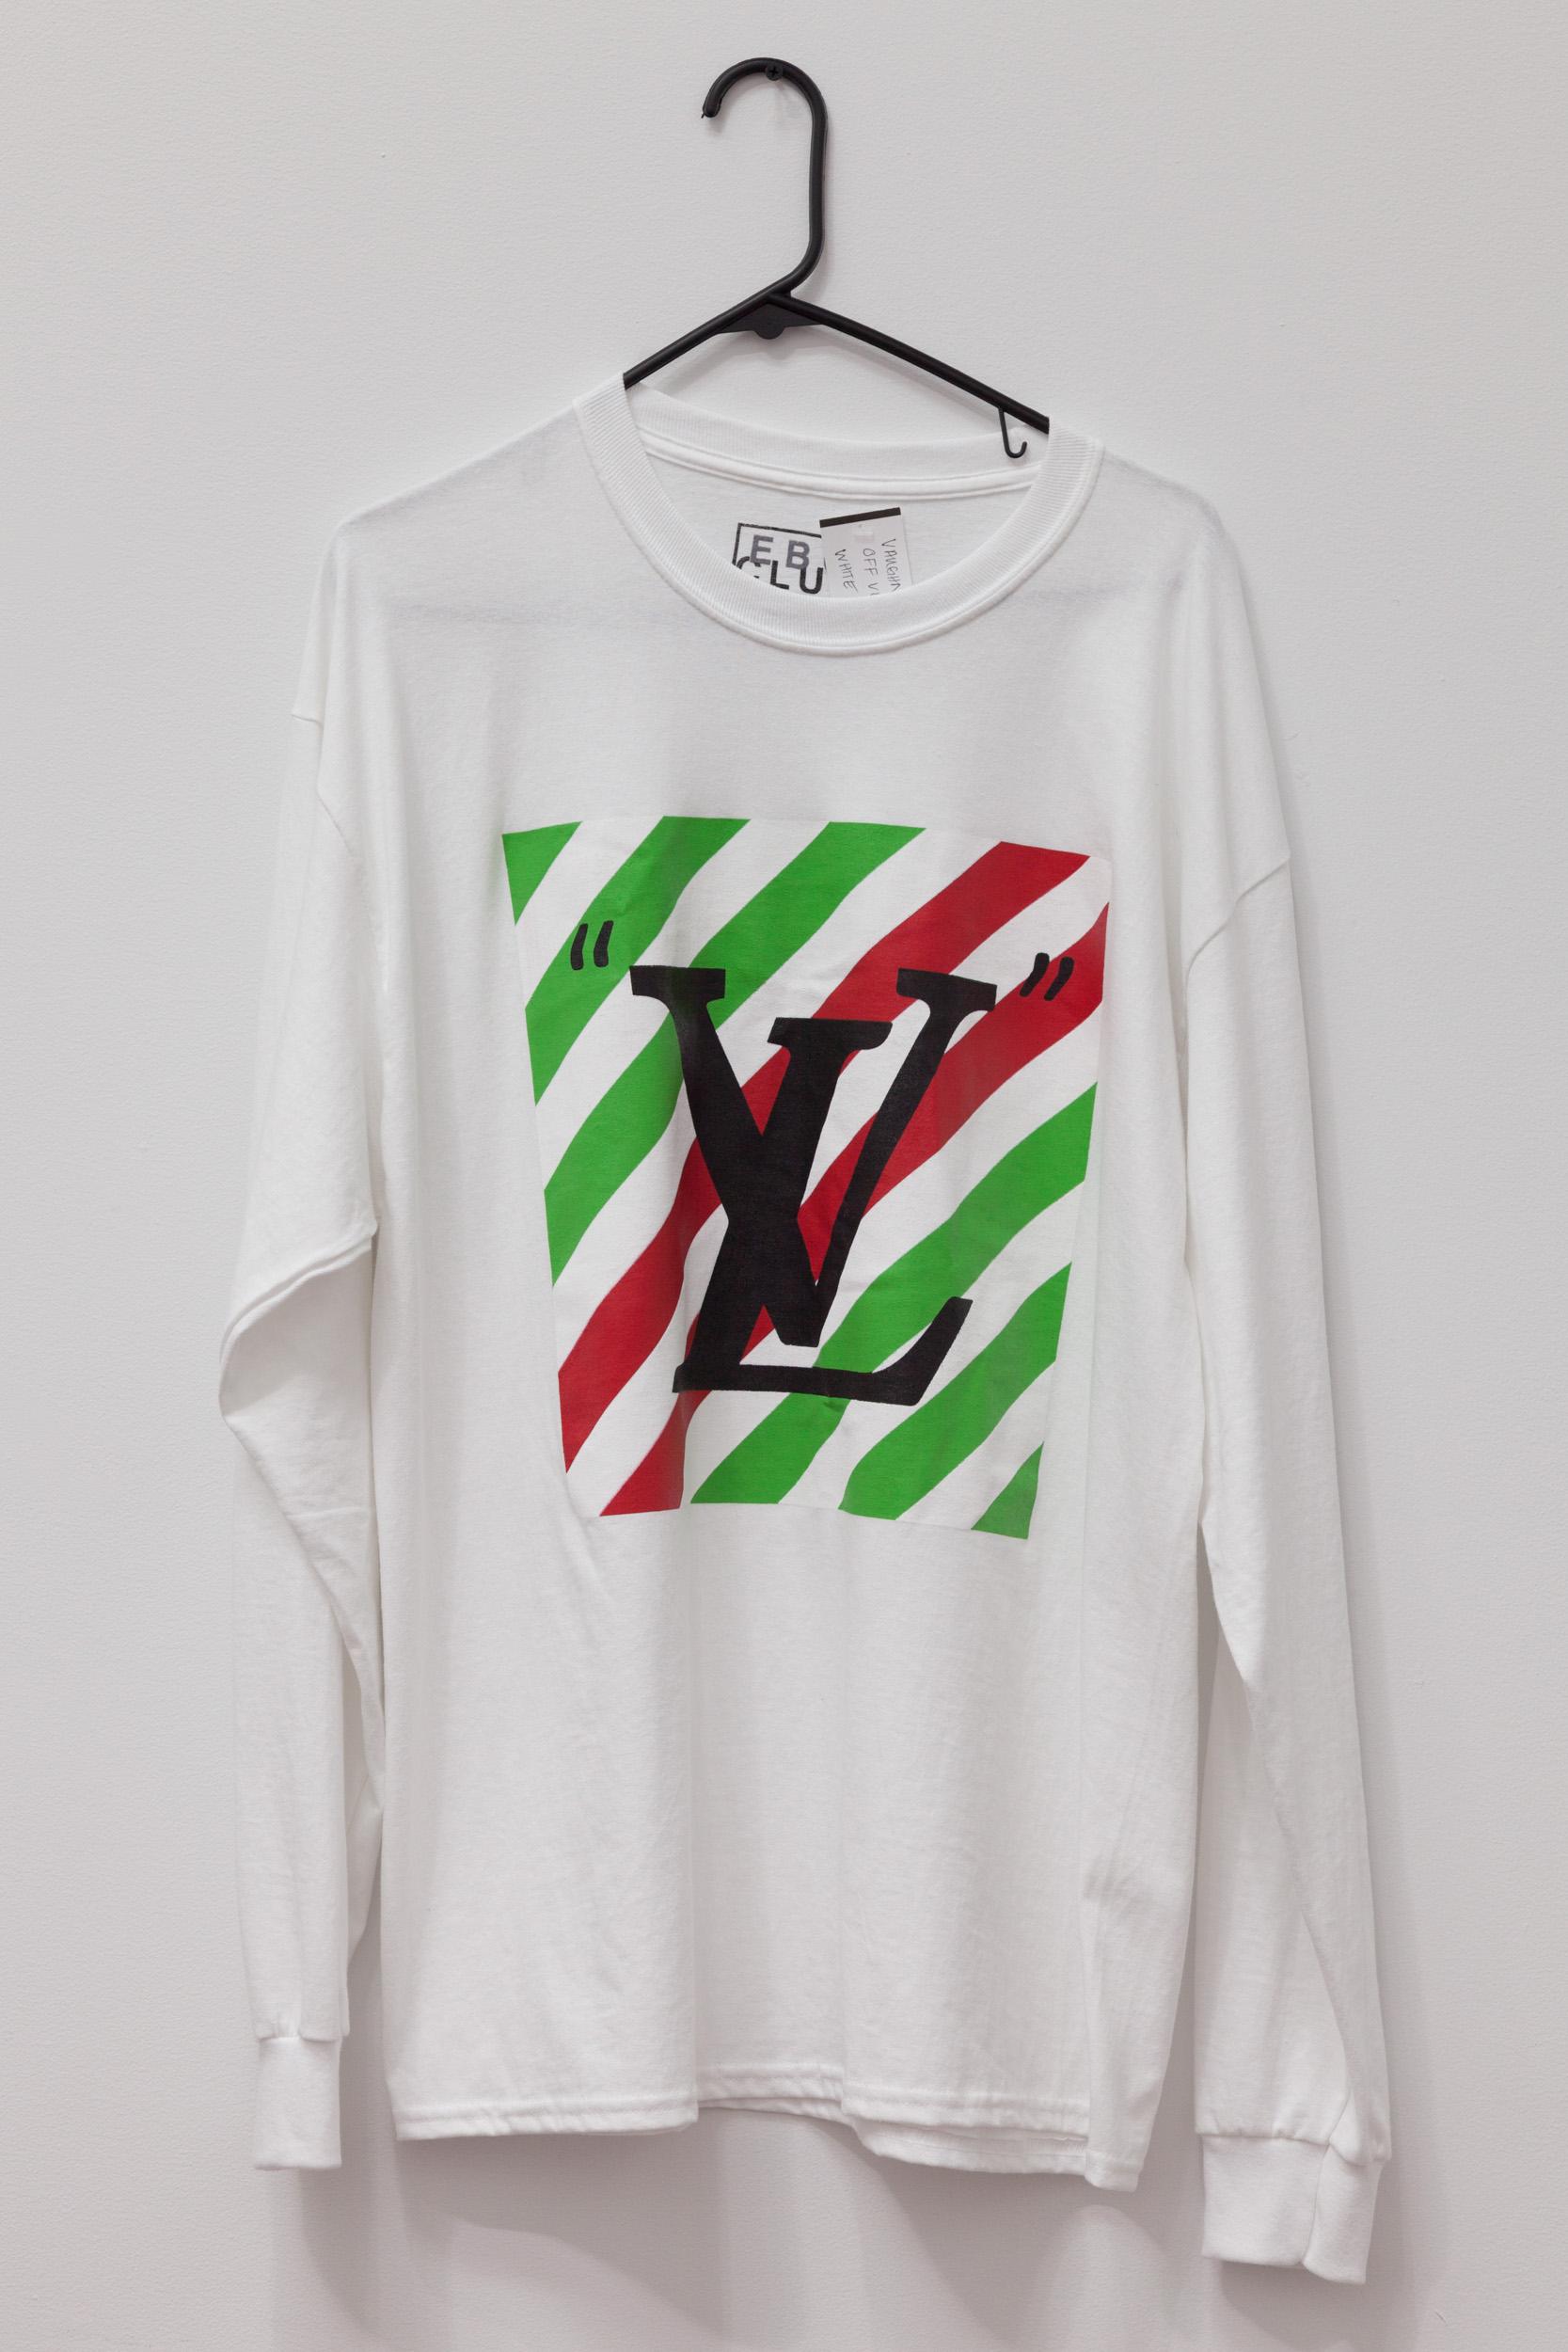 Vaughn Spann, Louis Vuitton + Off White